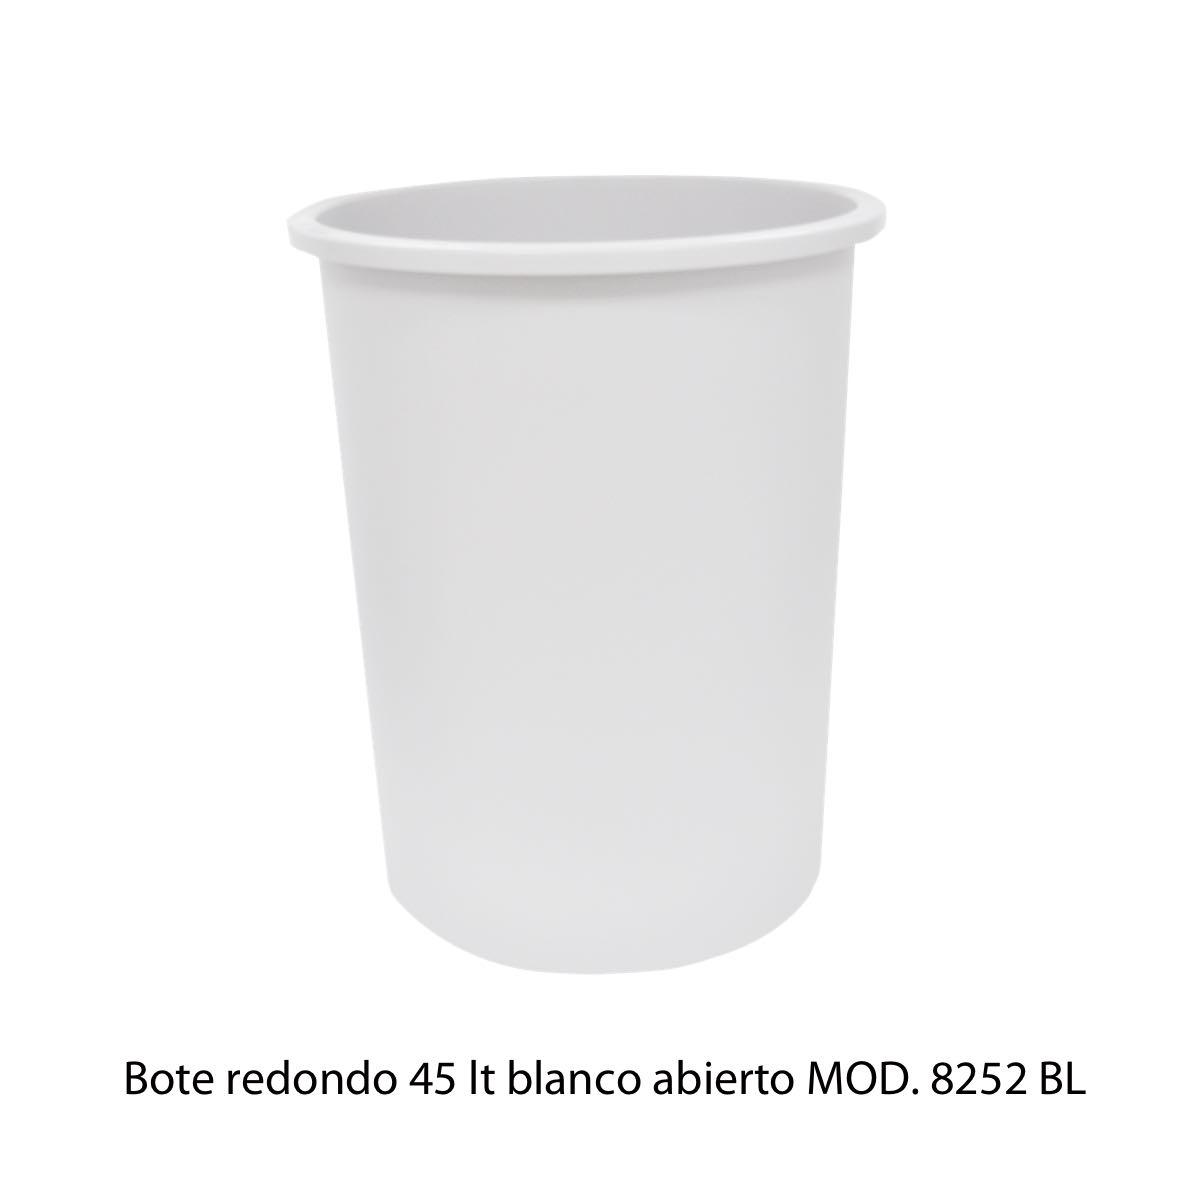 Bote de basura redondo de 45 litros sin tapa color blanco modelo 8252 BL Sablón